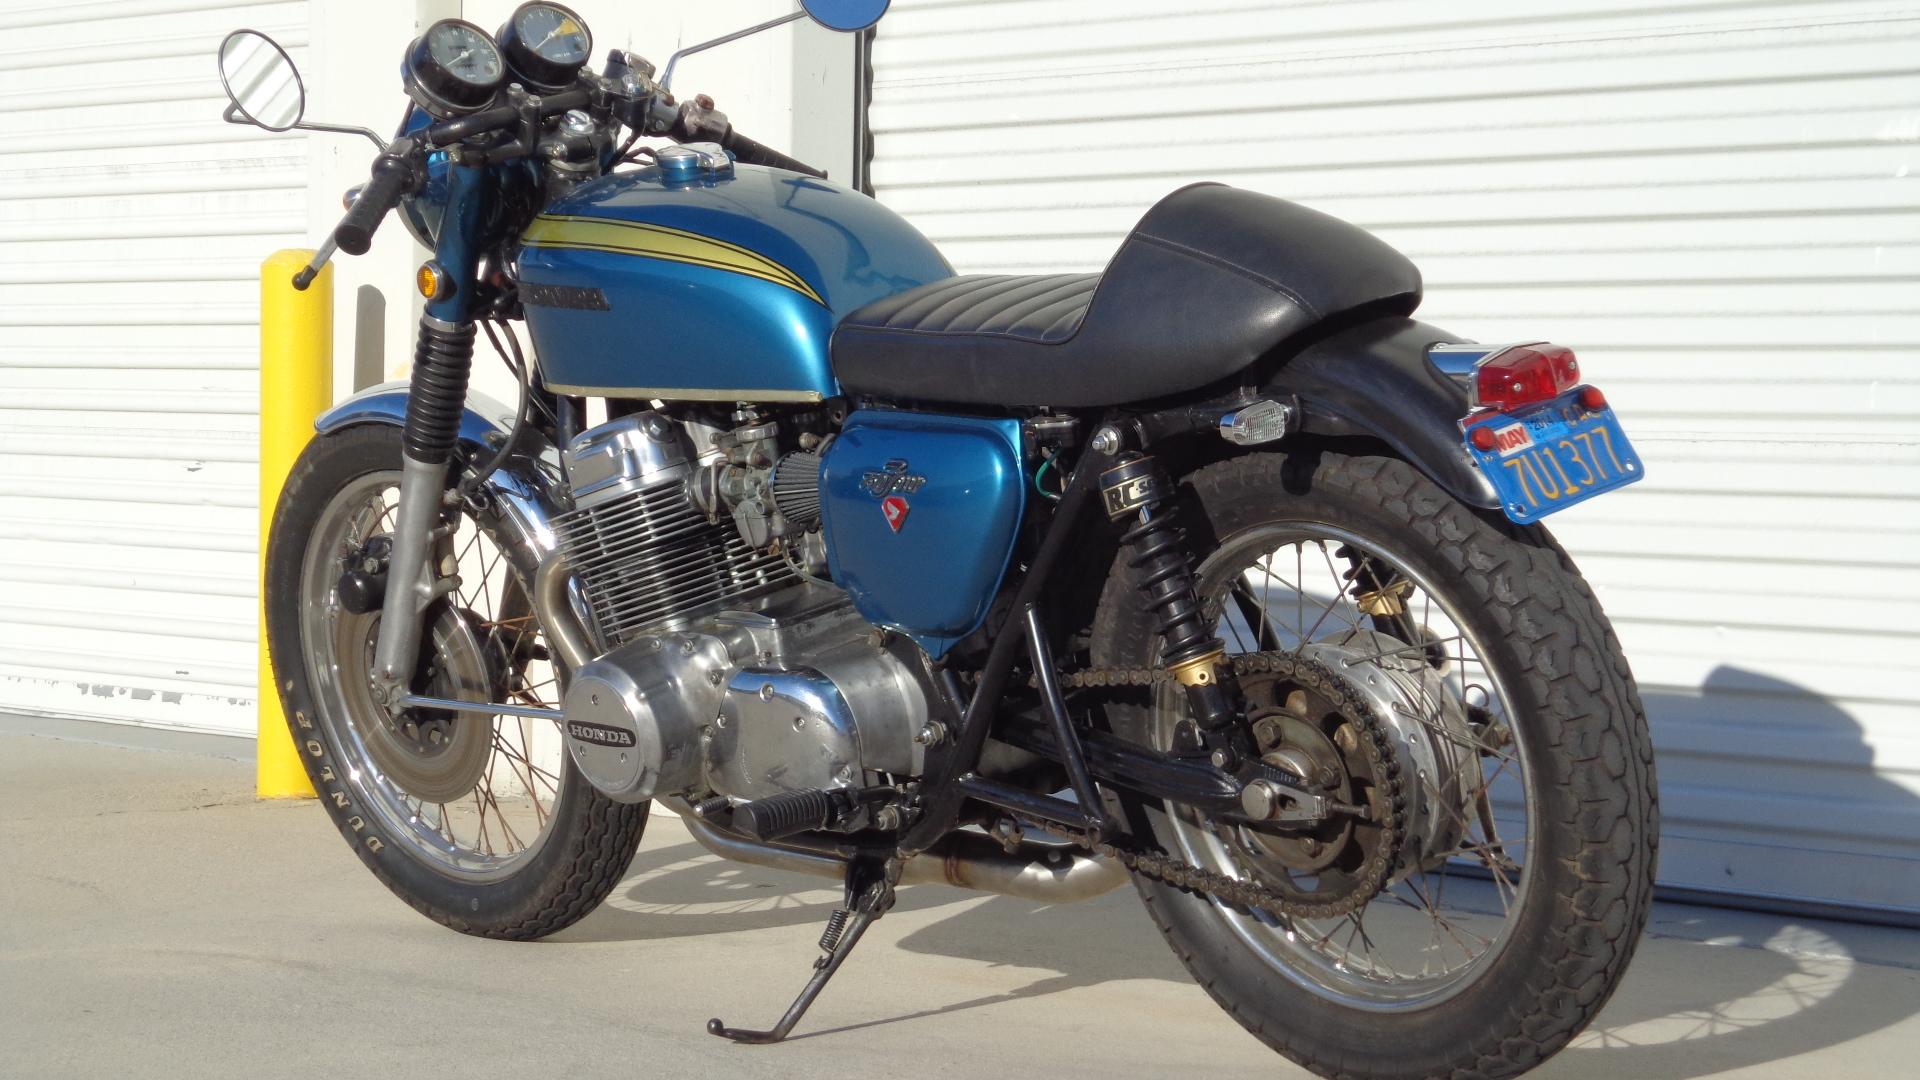 Honda Cafe Racer For Sale >> 1971 Cb750 Cafe Racer For Sale 4000 Carpy S Cafe Racers